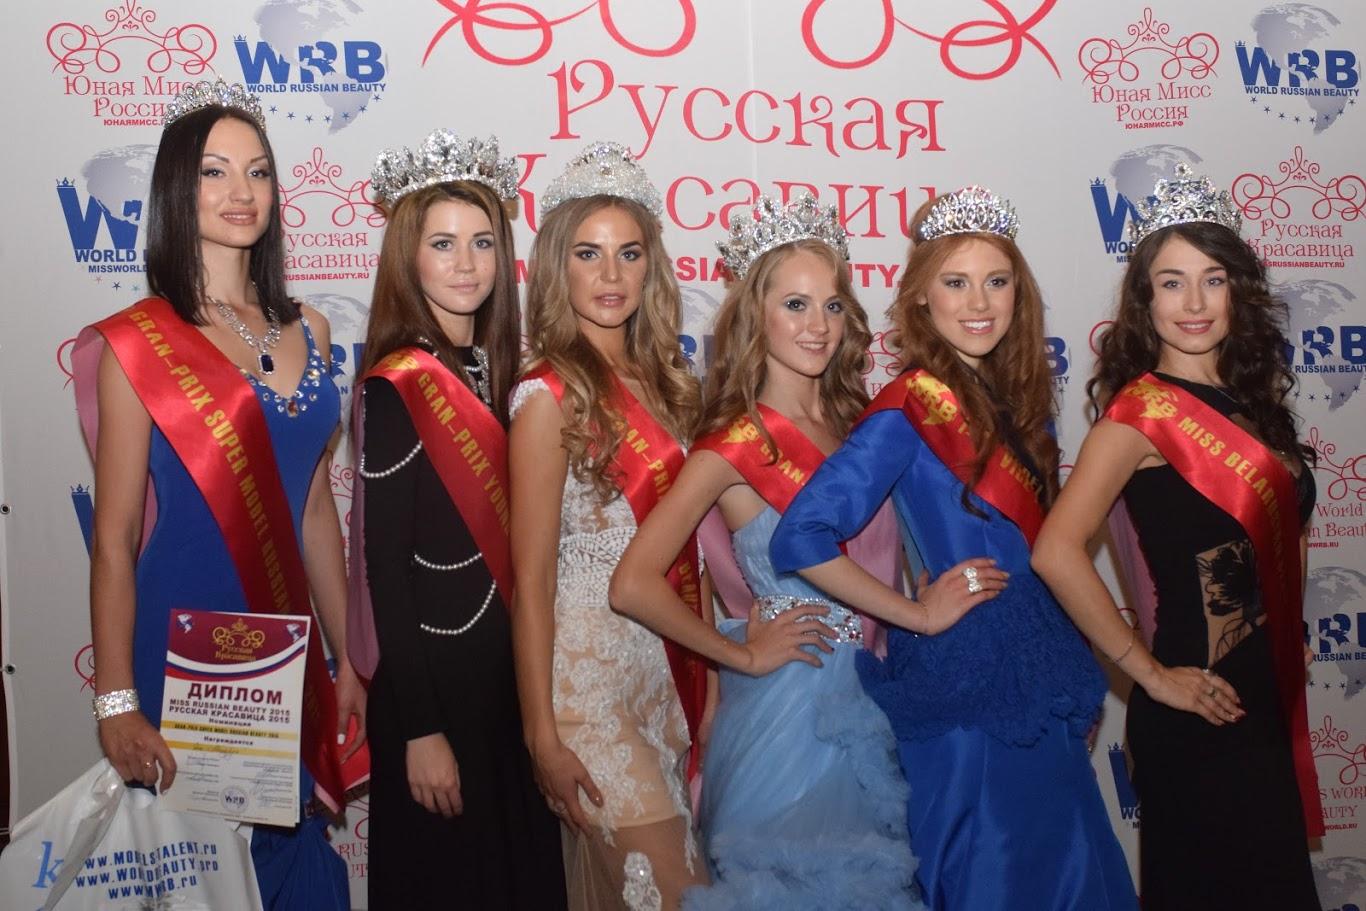 Победительниц конкурса красоты «Юная мисс мира 2015»